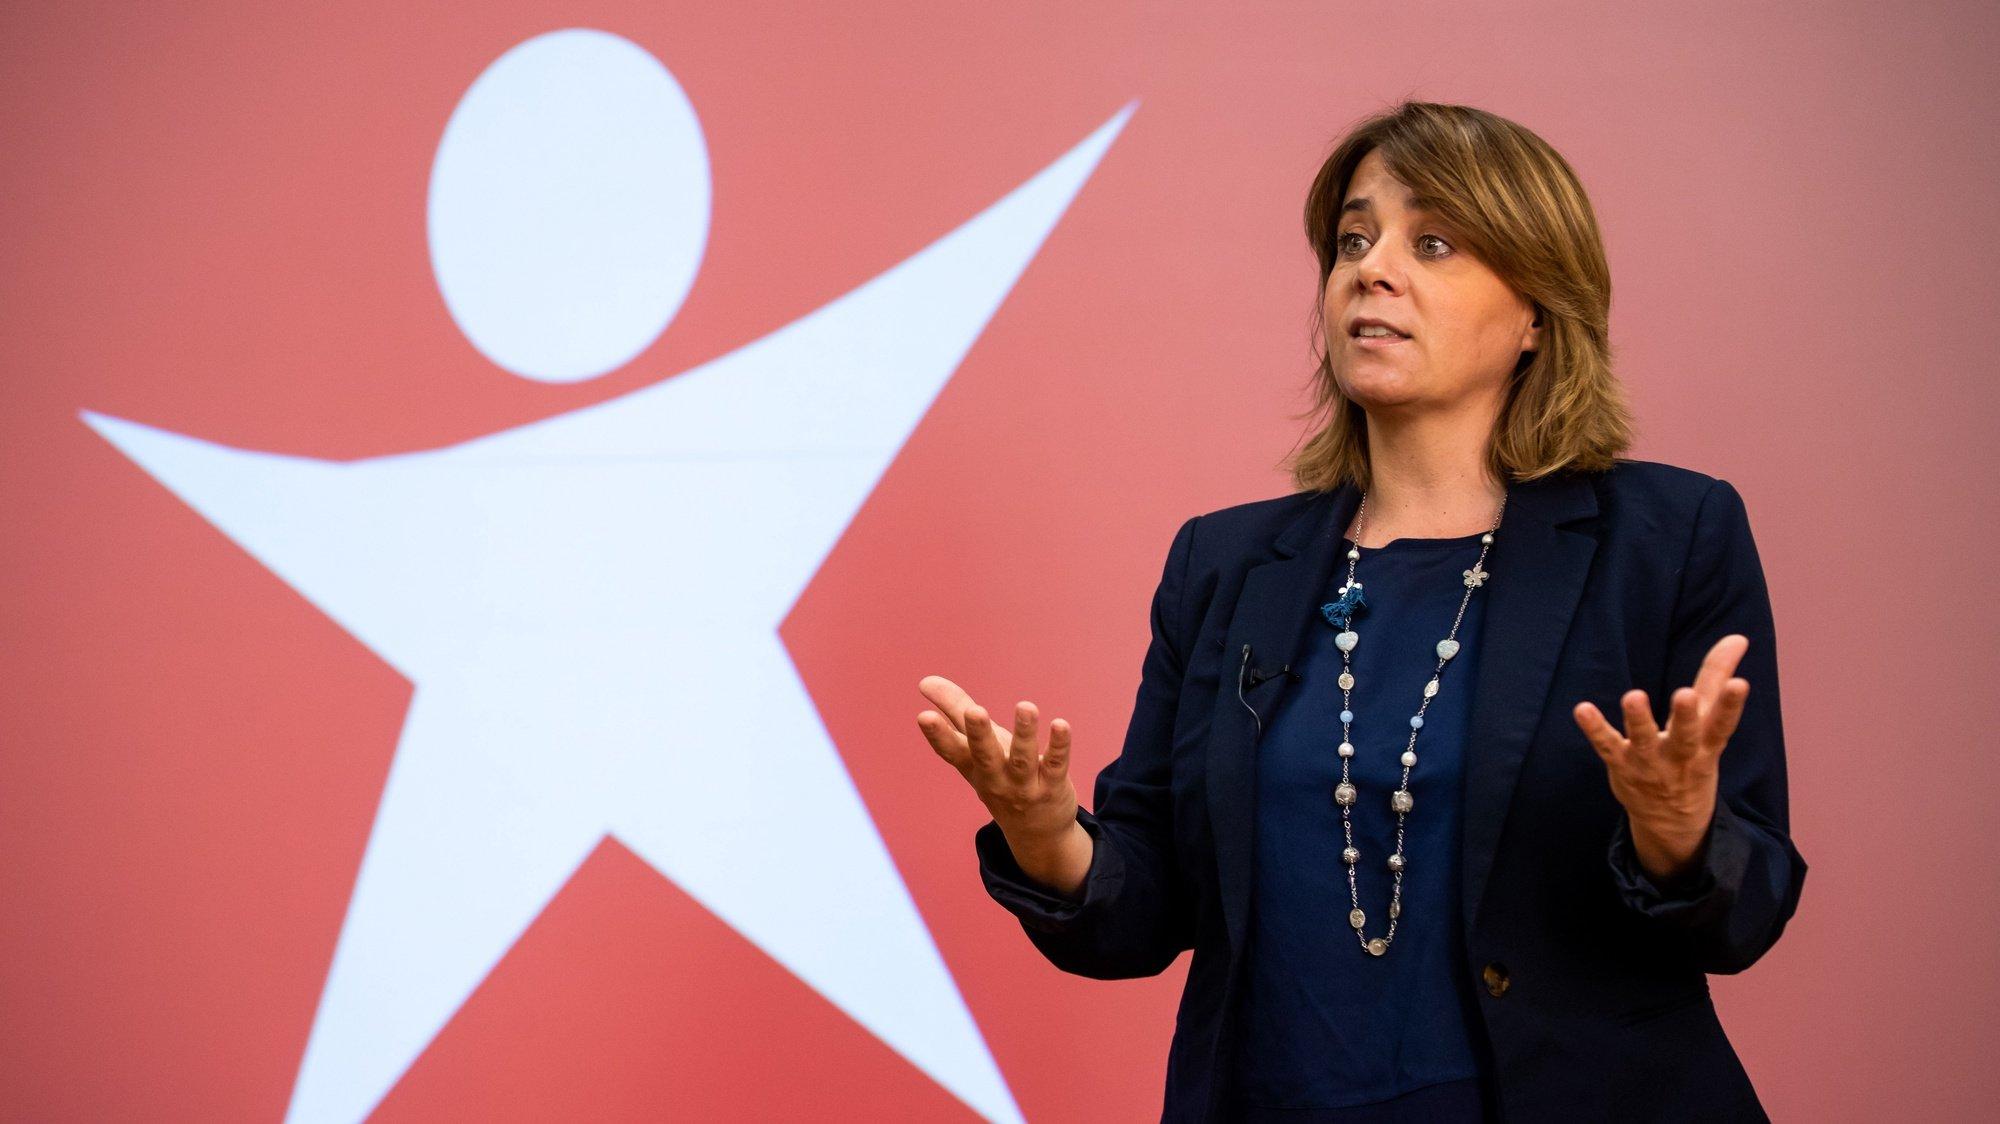 A coordenadora do Bloco de Esquerda (BE), Catarina Martins, durante uma conferência de imprensa para presentação de propostas para conter avanço pandemia da covid-19 na Área Metropolitana de Lisboa (AML), na sede nacional do Bloco de Esquerda, em Lisboa, 26 de junho de 2021. JOSÉ SENA GOULÃO/LUSA